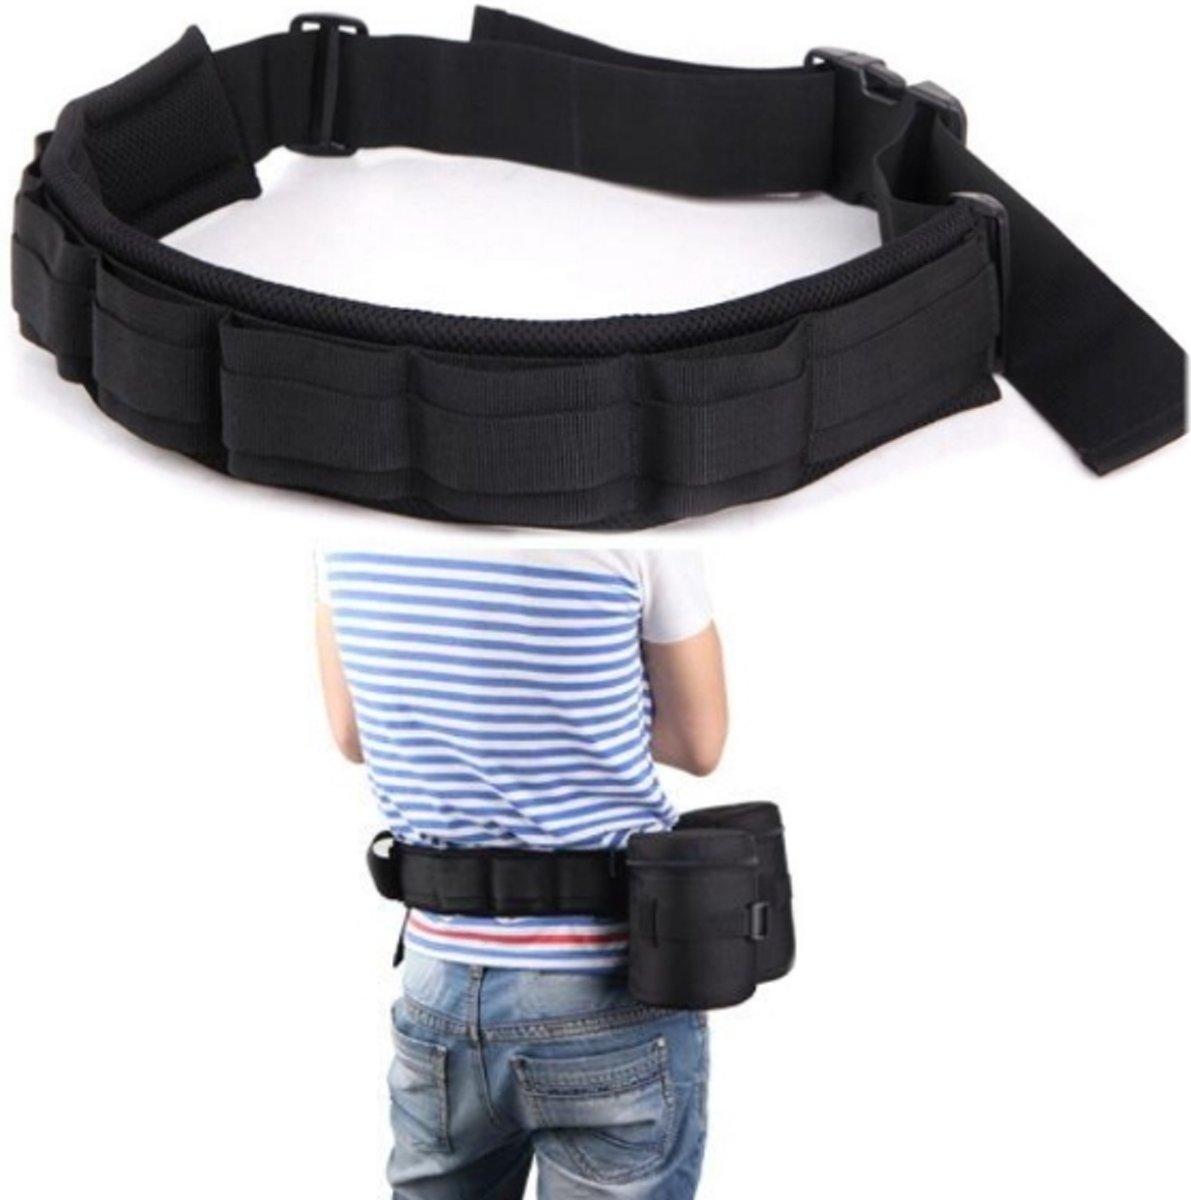 Multifunctionele Camerariem / Waist Belt kopen